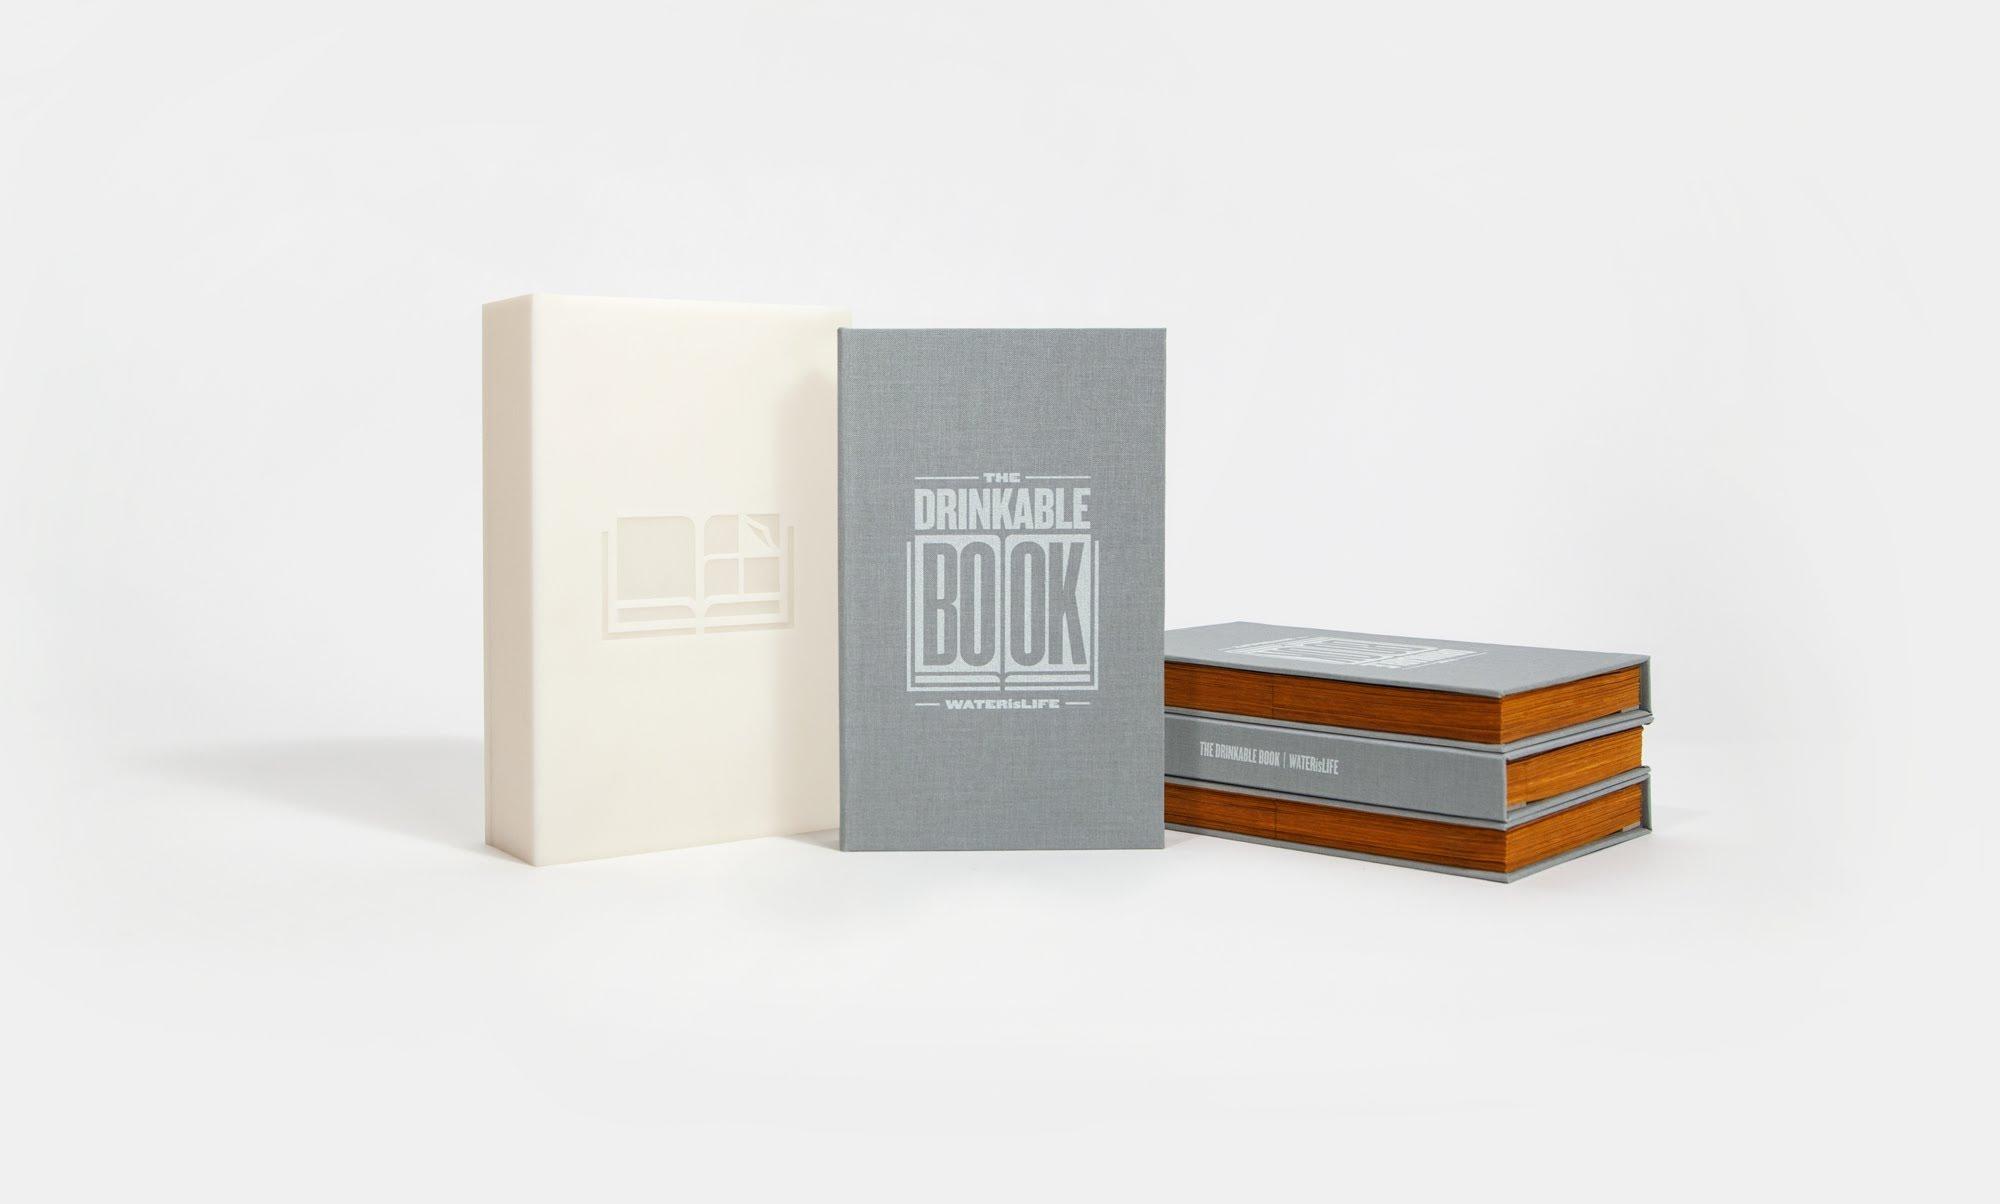 「水源安全救星:可以喝的書」- The Drinkable Book